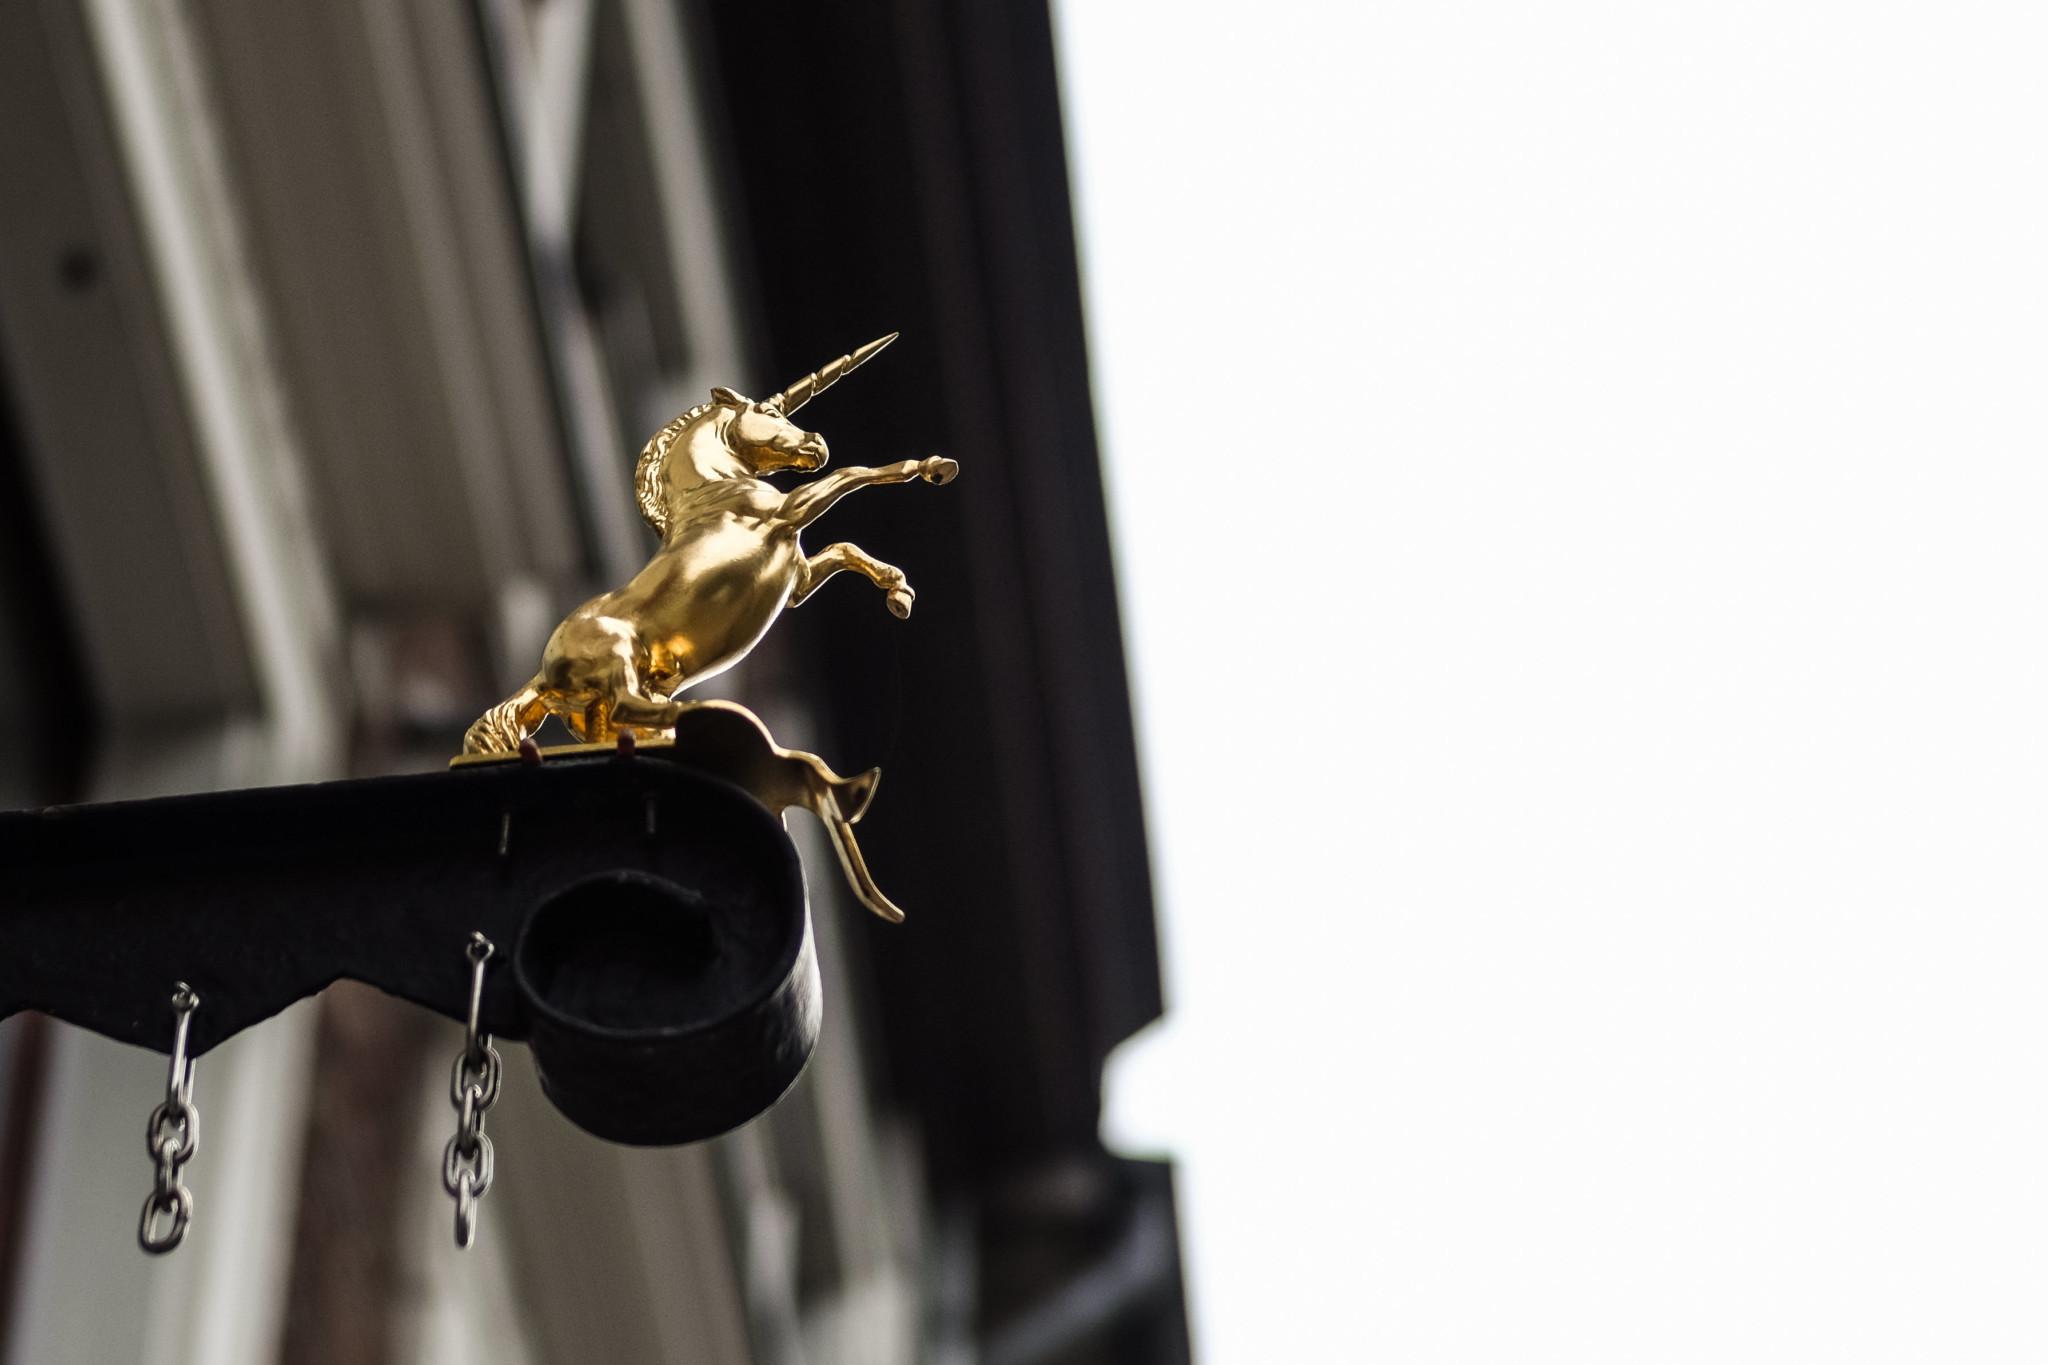 Sebesség társkereső goldenes einhorn düsseldorf